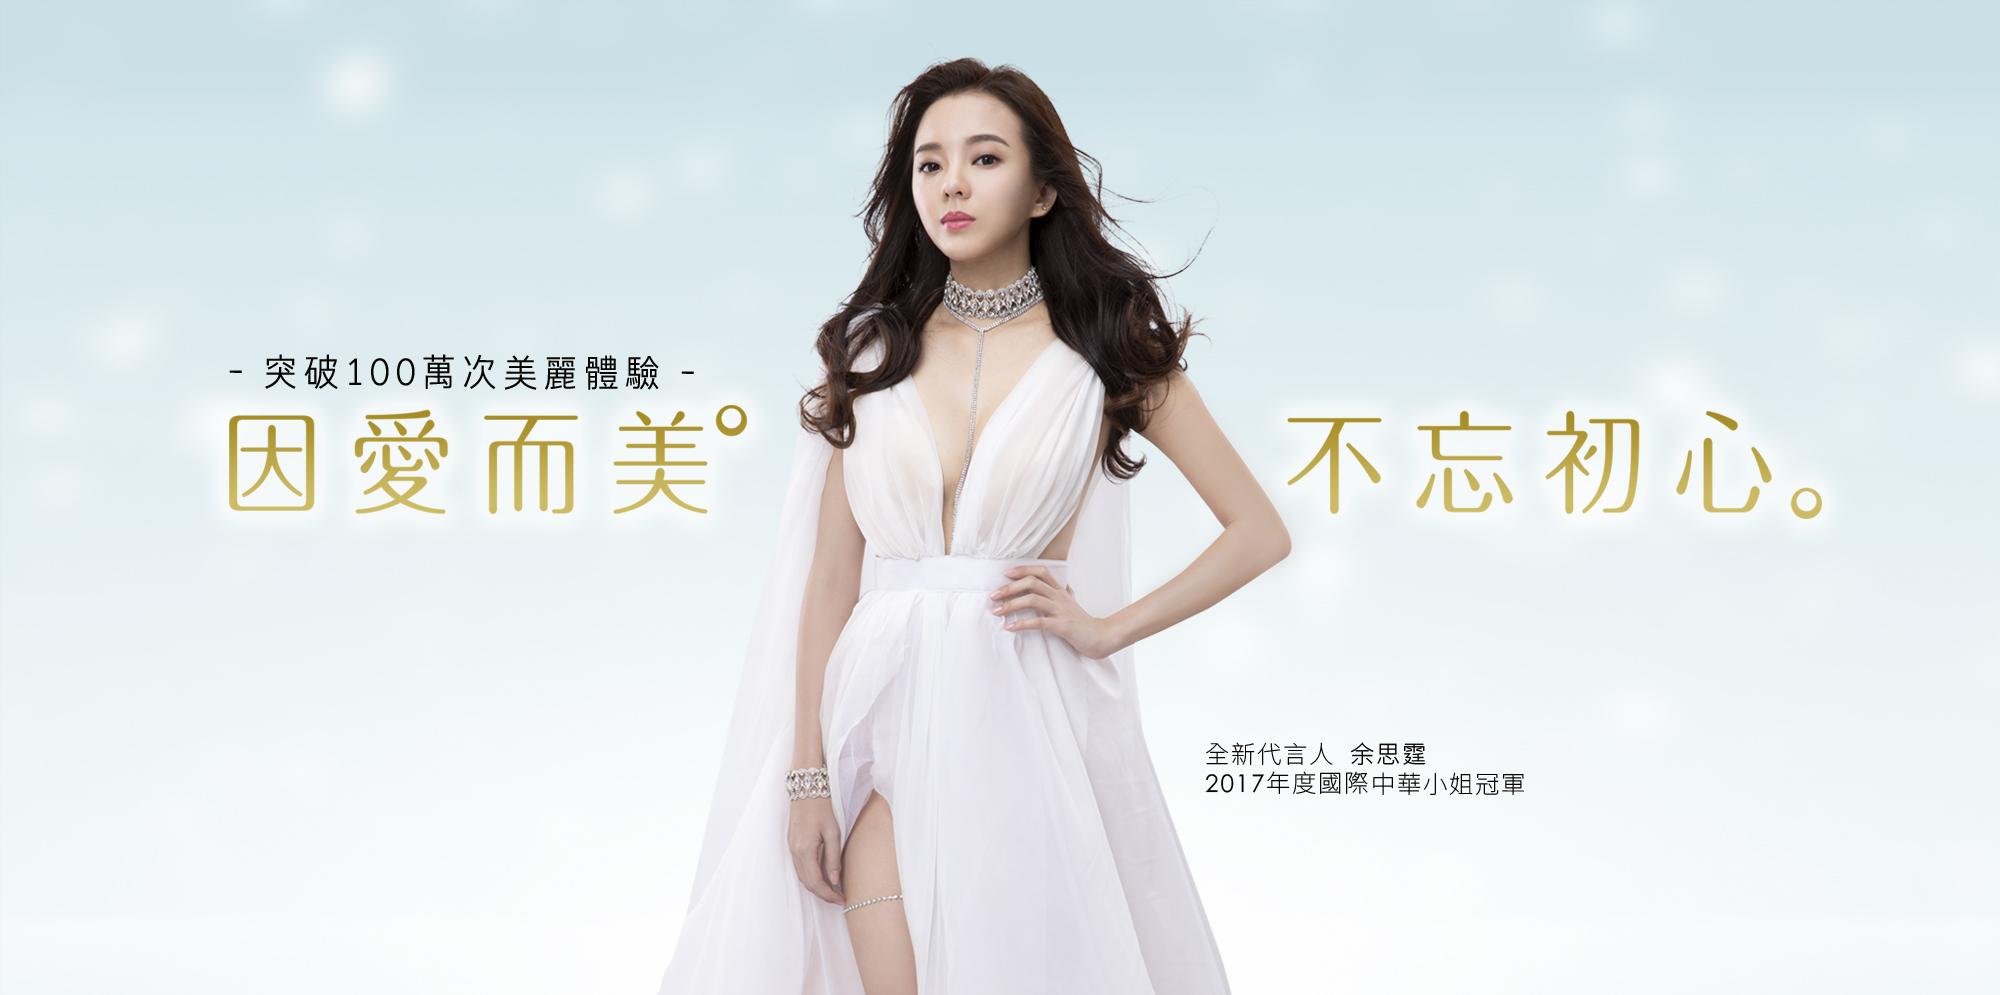 全新代言人 余思霆  2017年度國際中華小姐冠軍